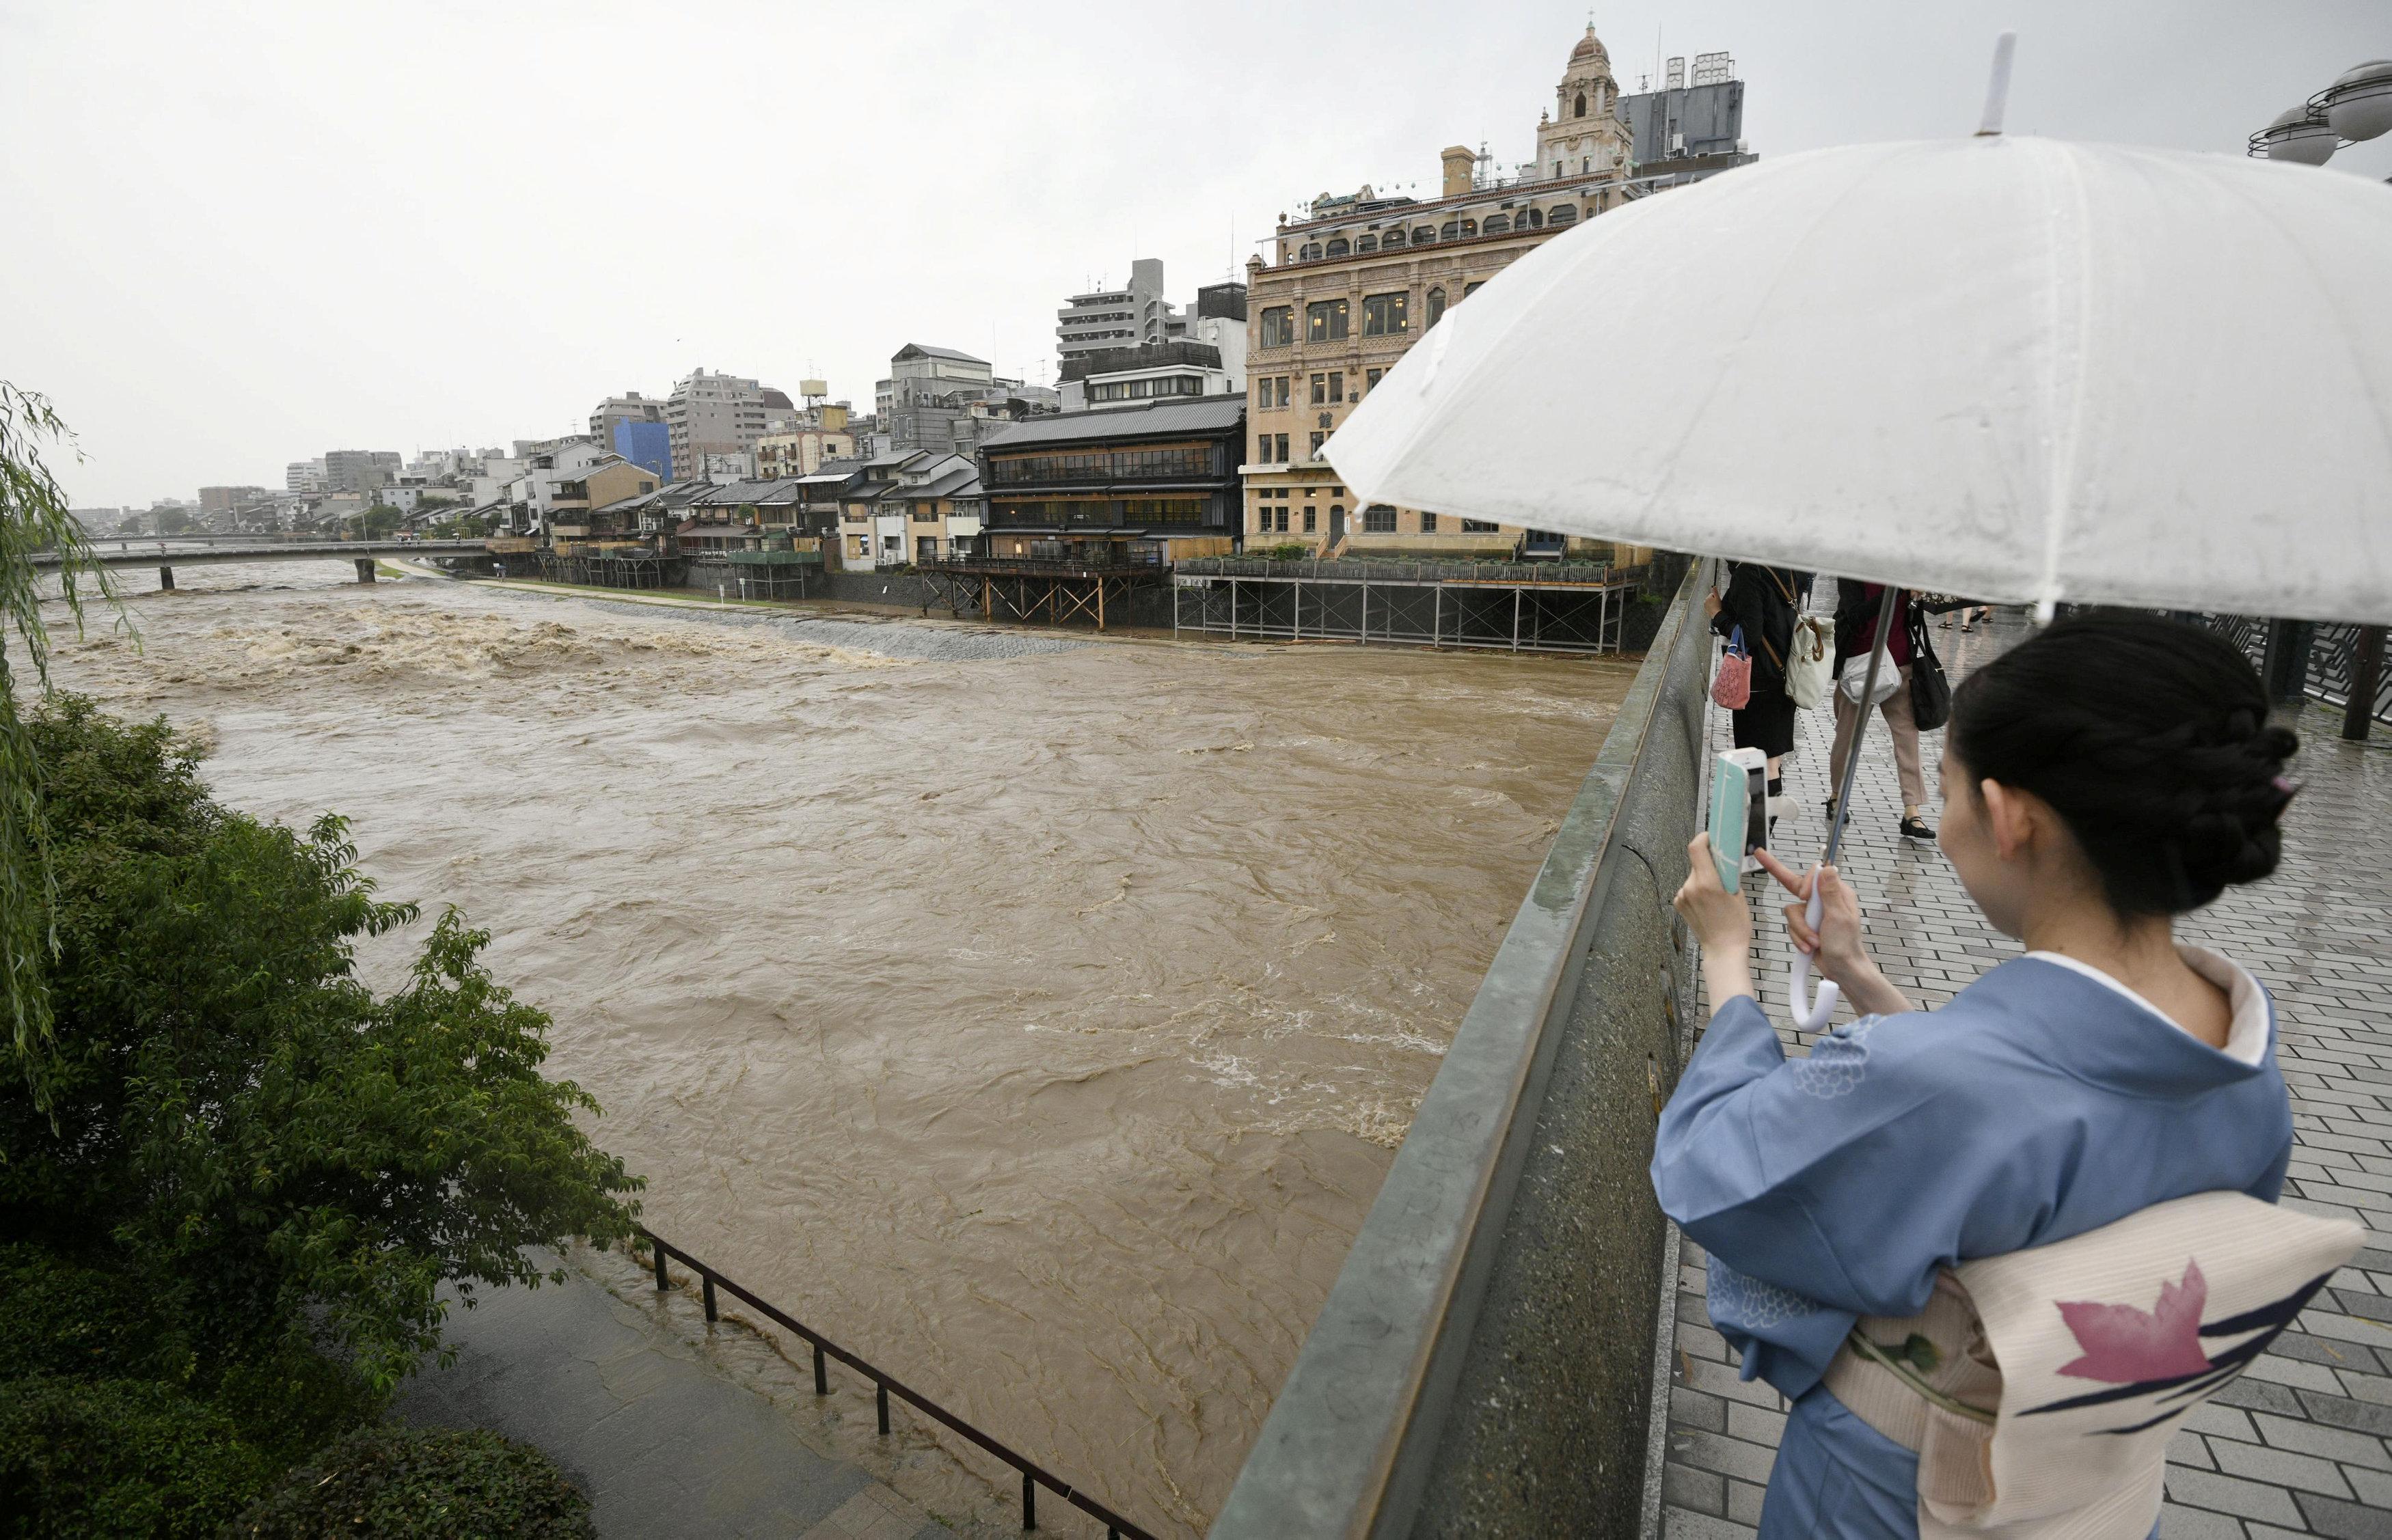 فتاة  تنظر إلى الفيضان